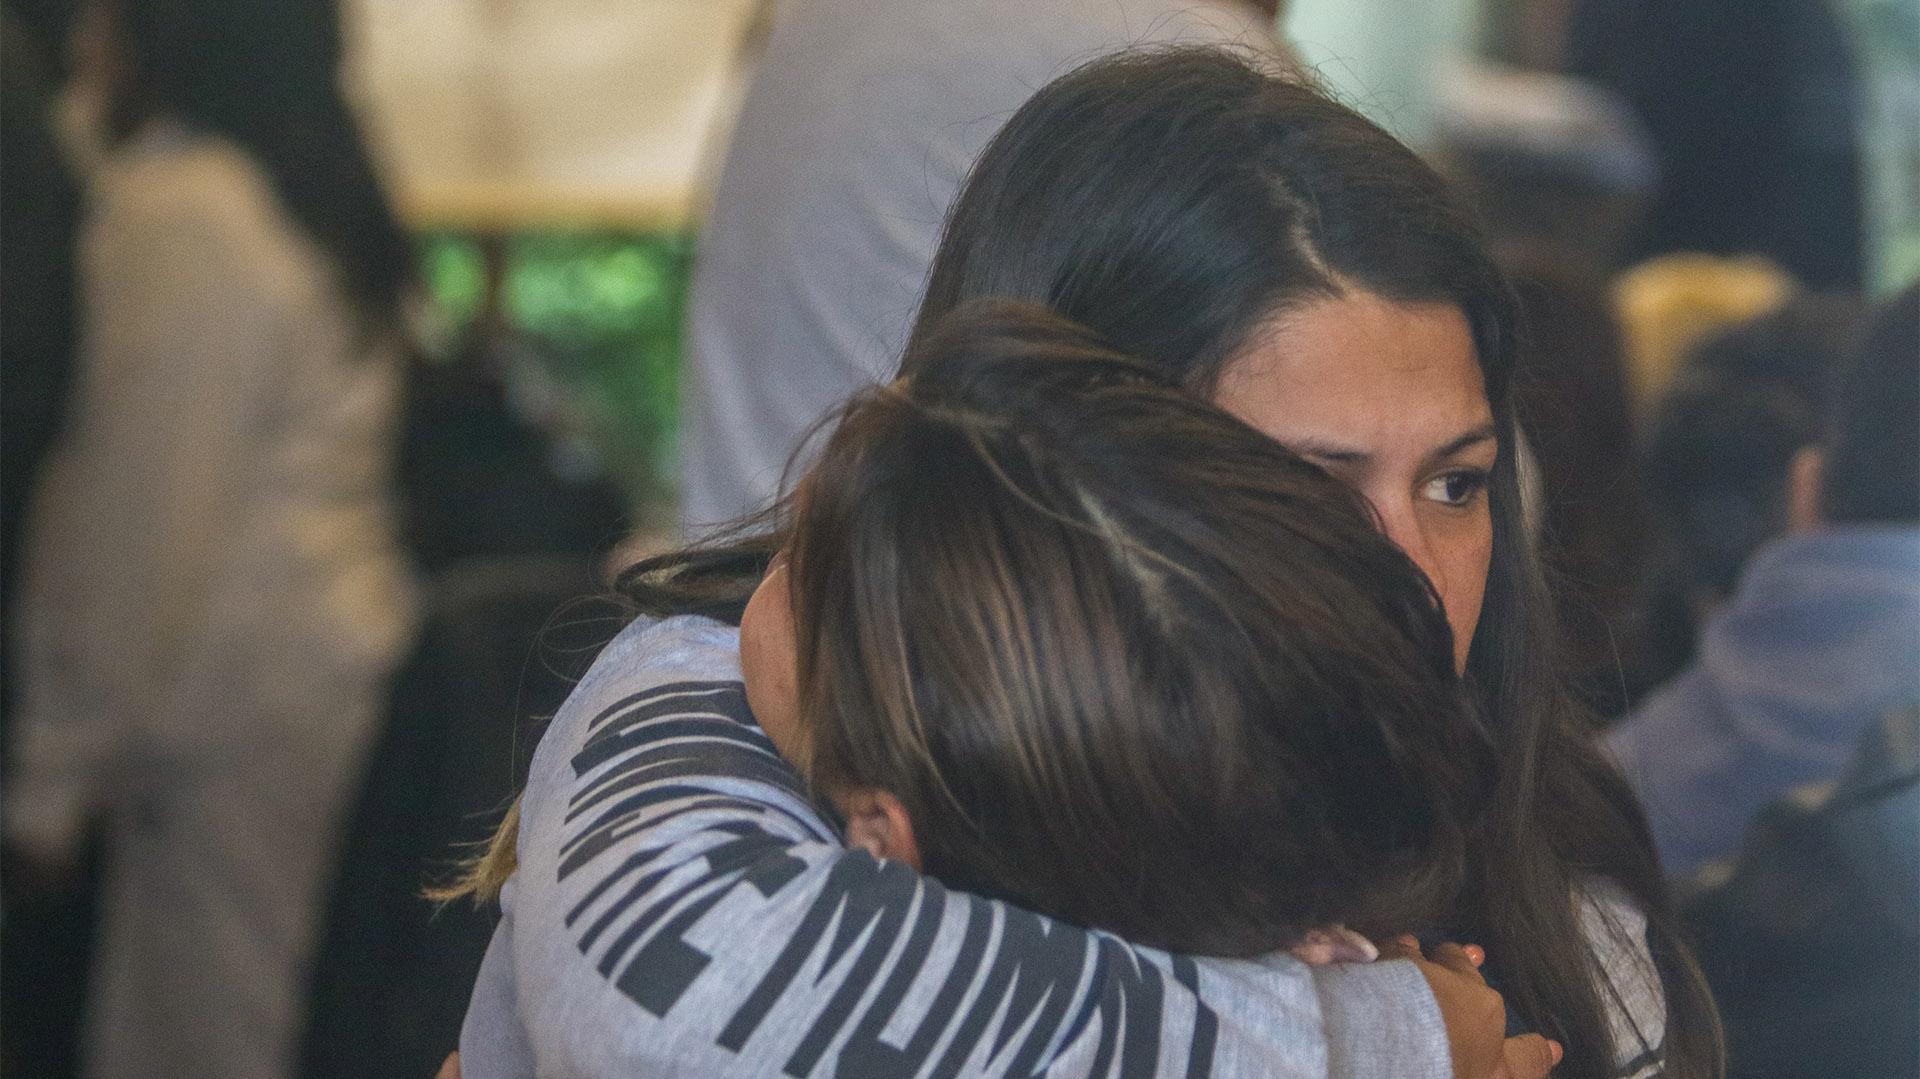 Un grupo de familiares se abraza en el lobby del hotel (Christian Heit)